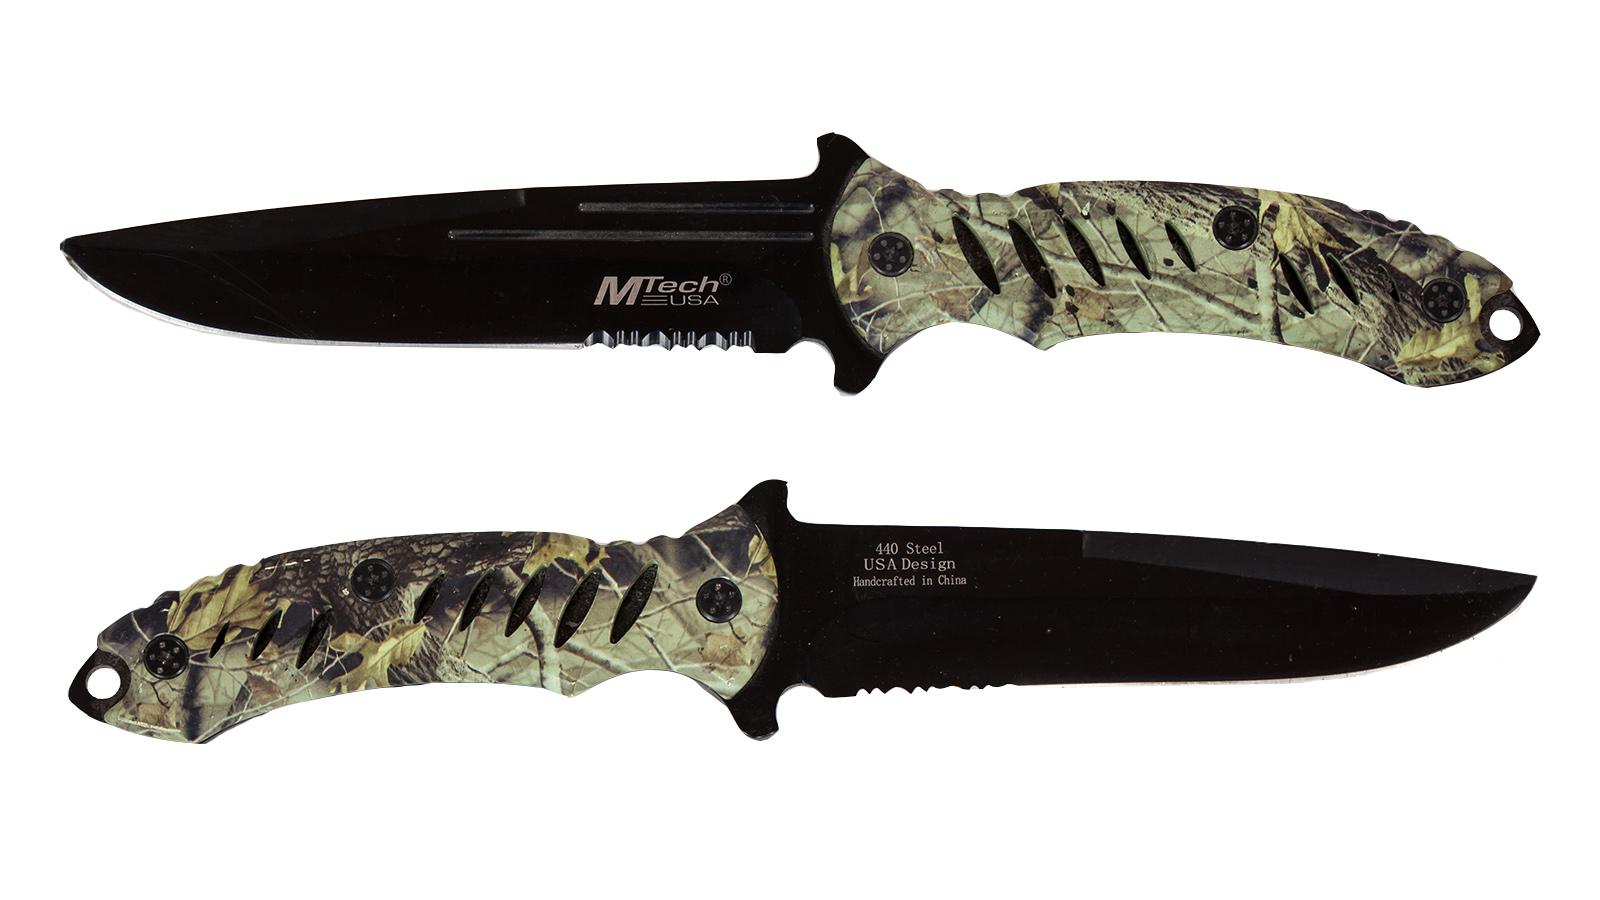 Нож с фиксированным клинком MTech Realtree Camo - купить оптом